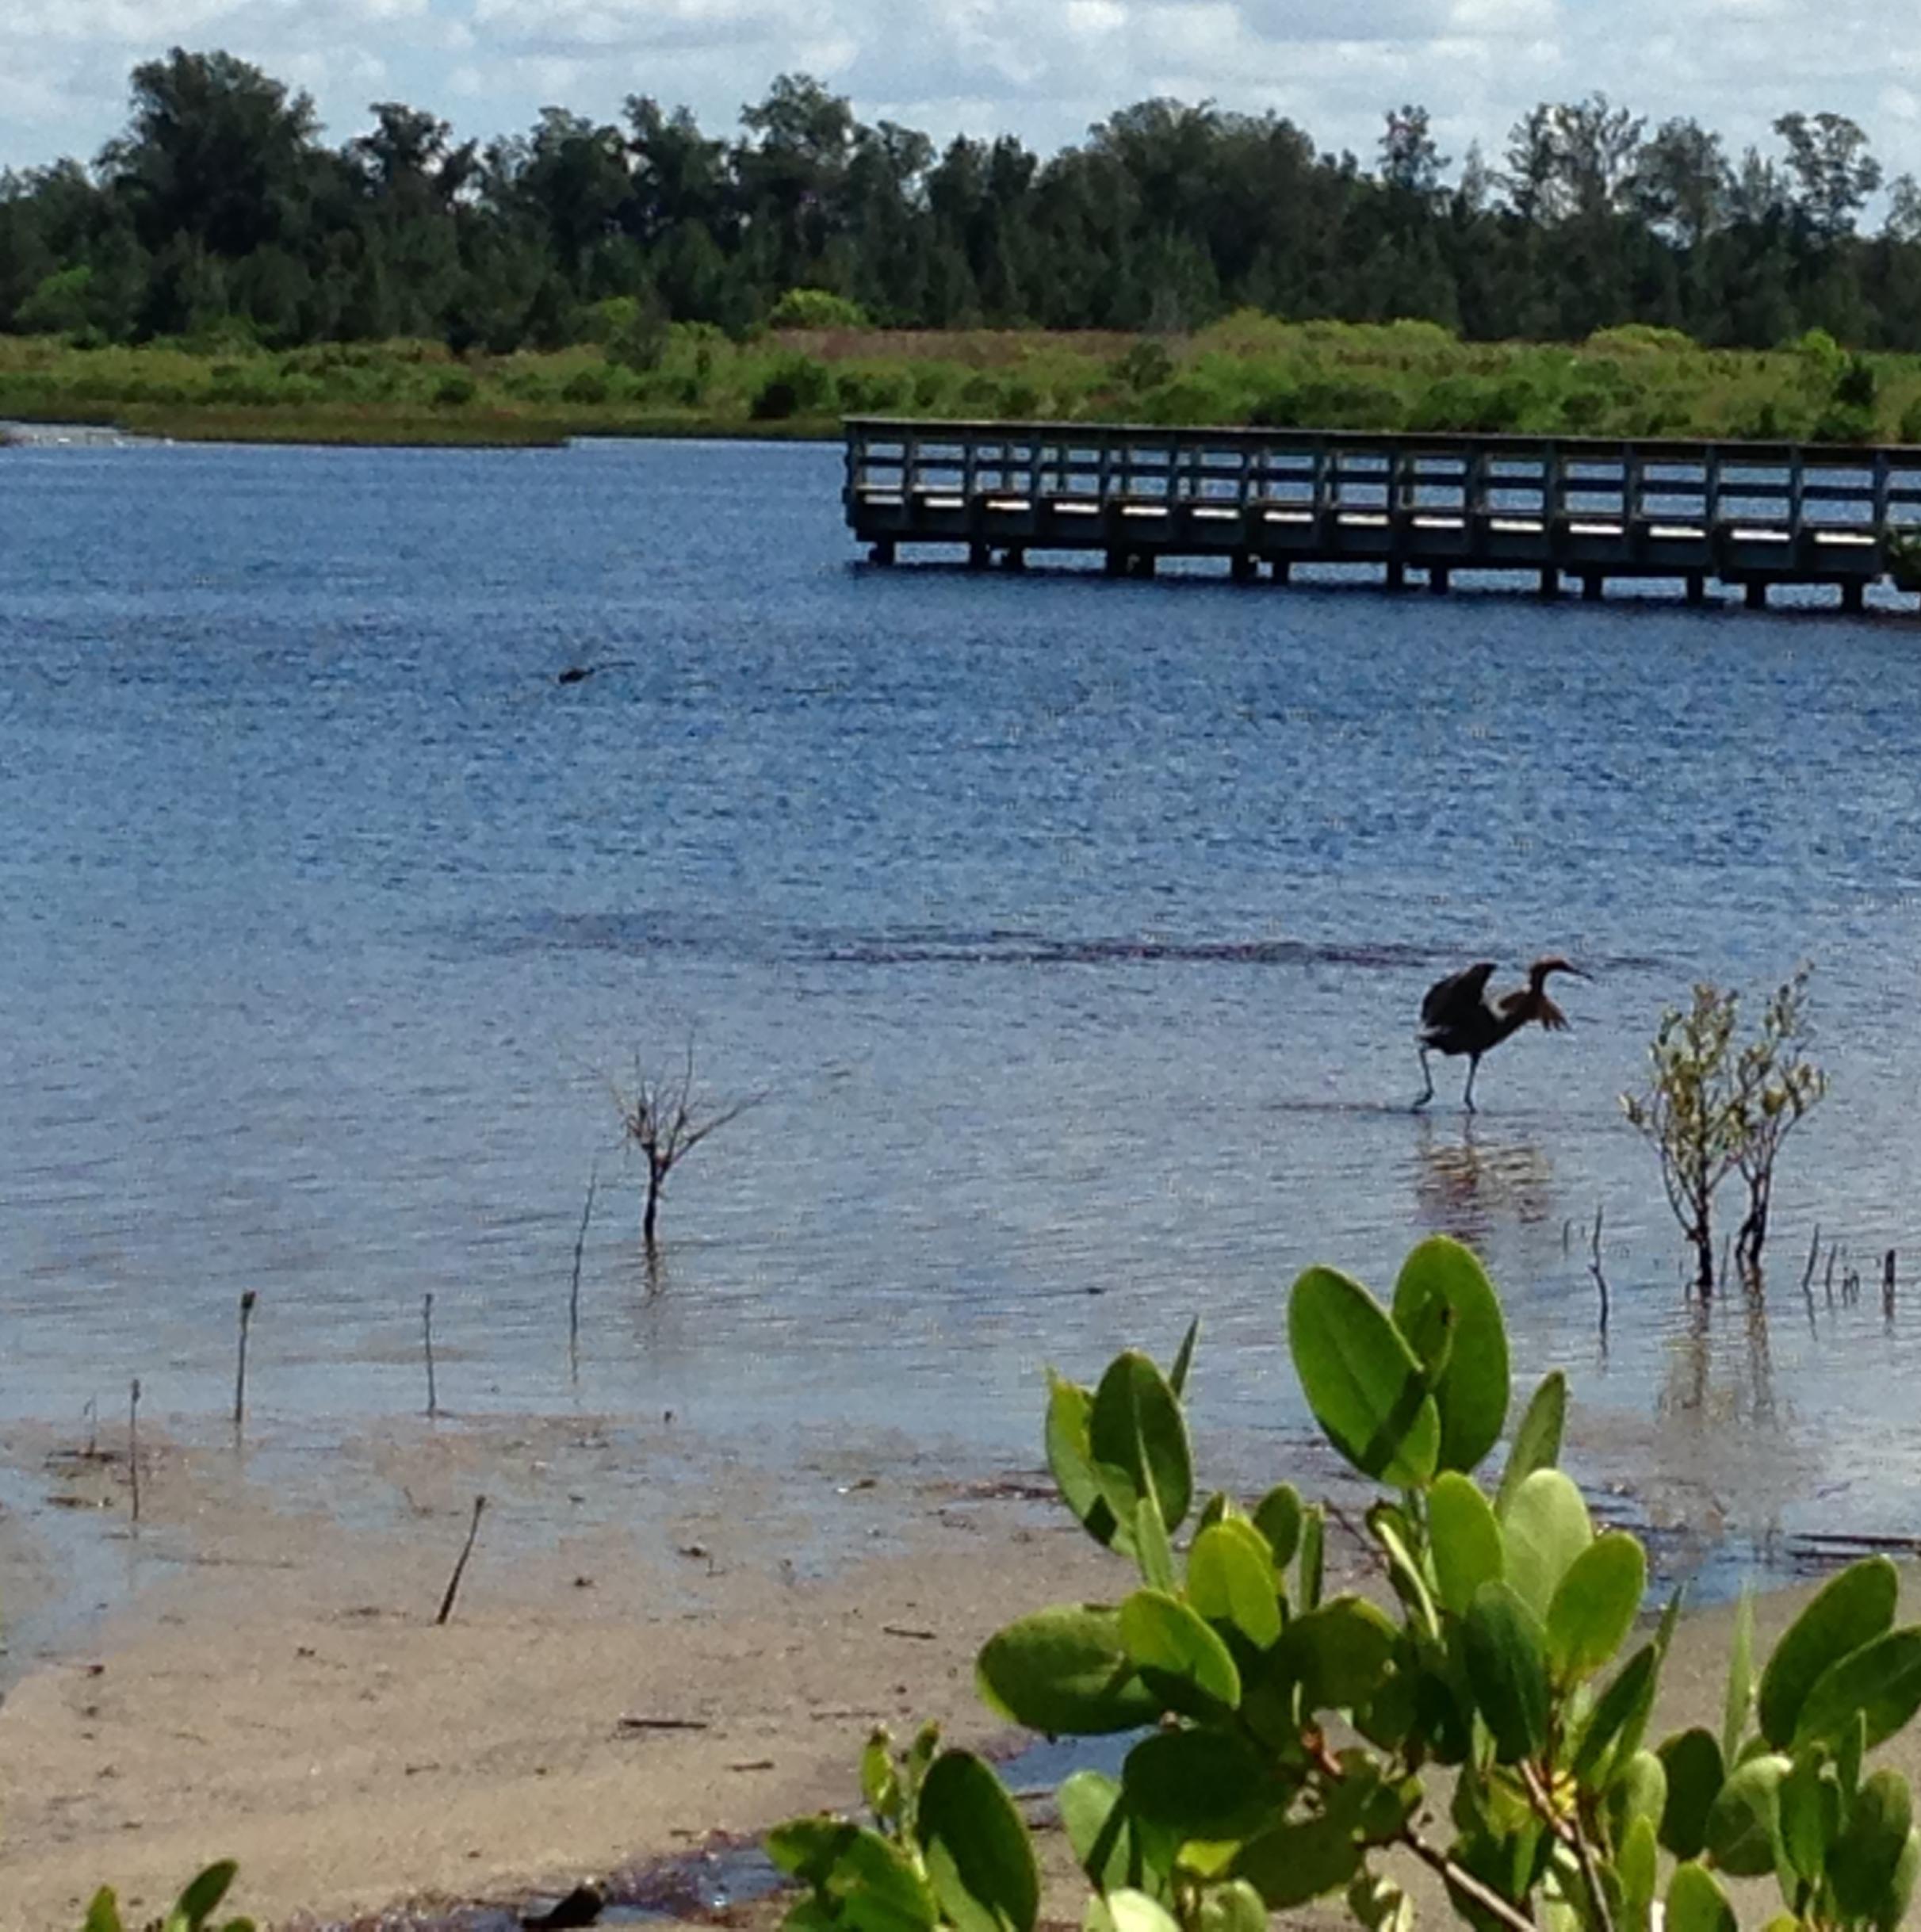 Boardwalk over pond image